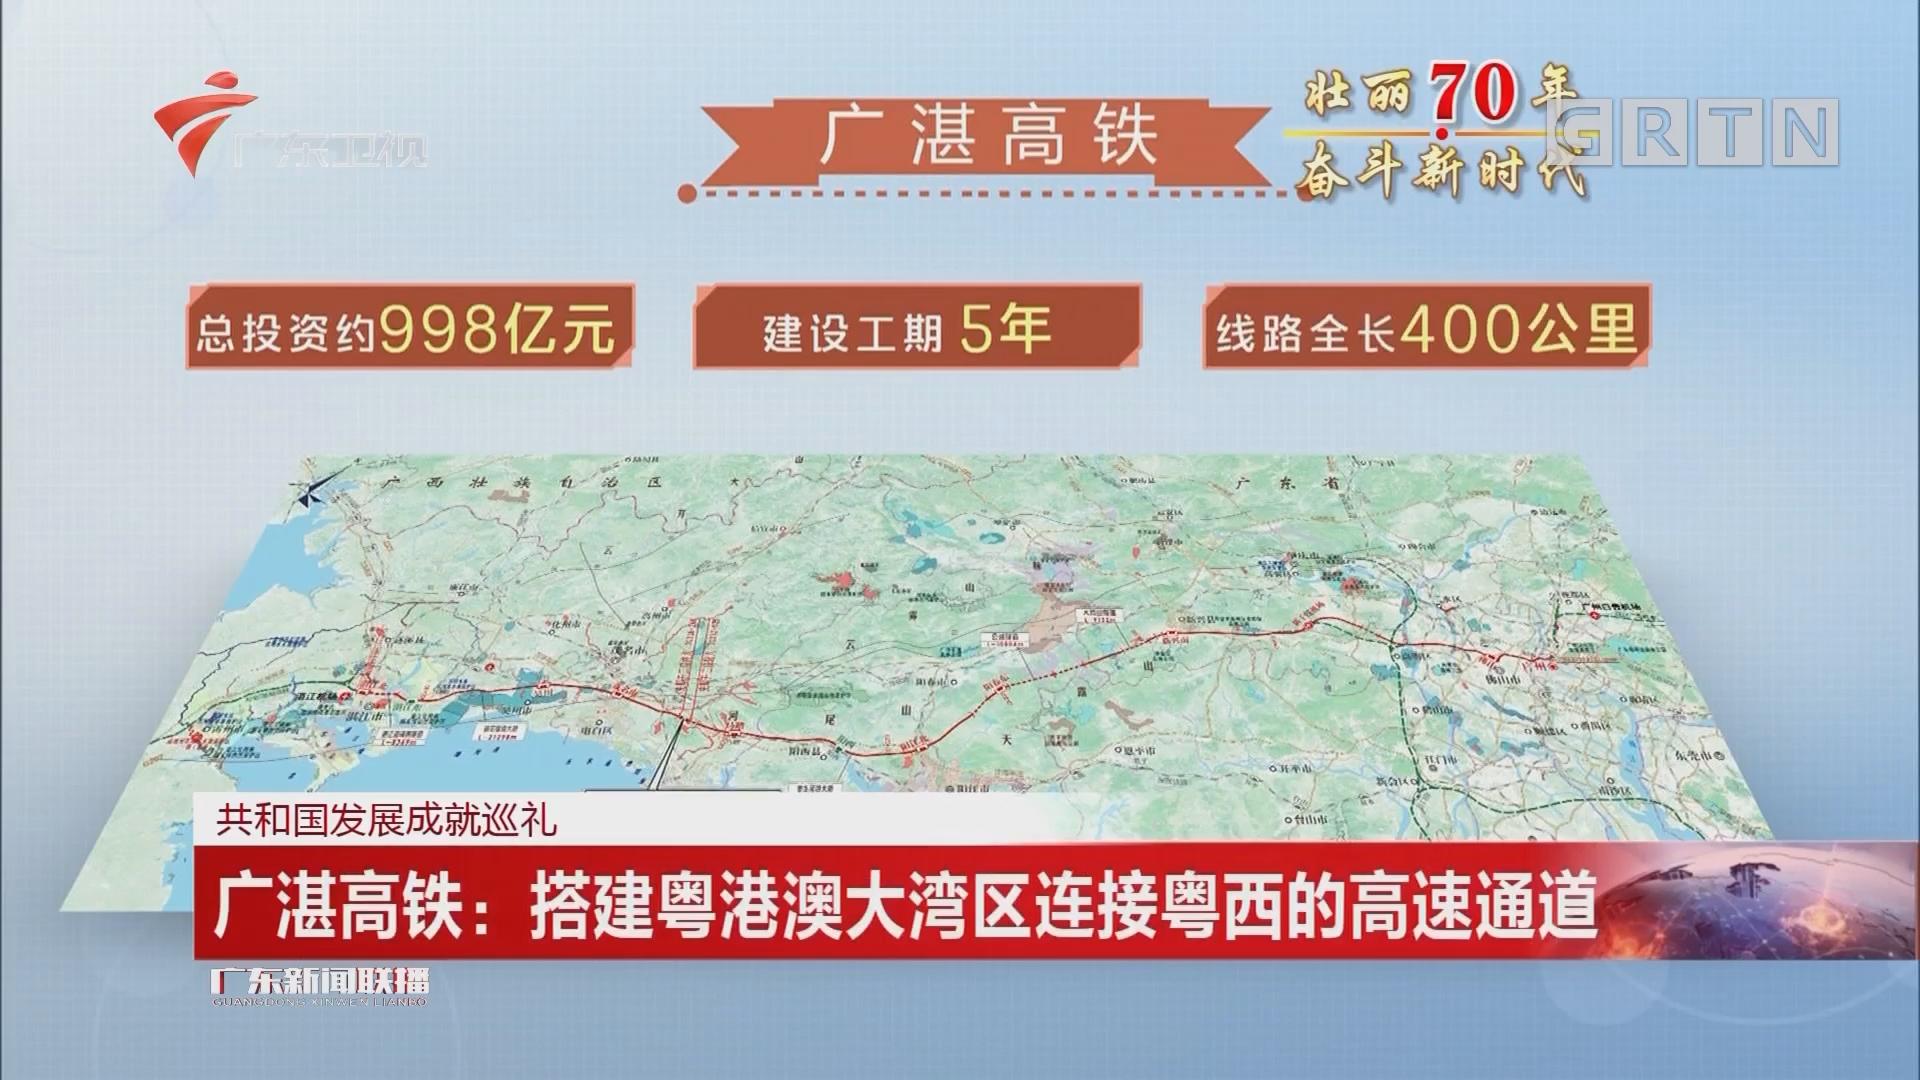 广湛高铁:搭建粤港澳大湾区连接粤西的高速通道